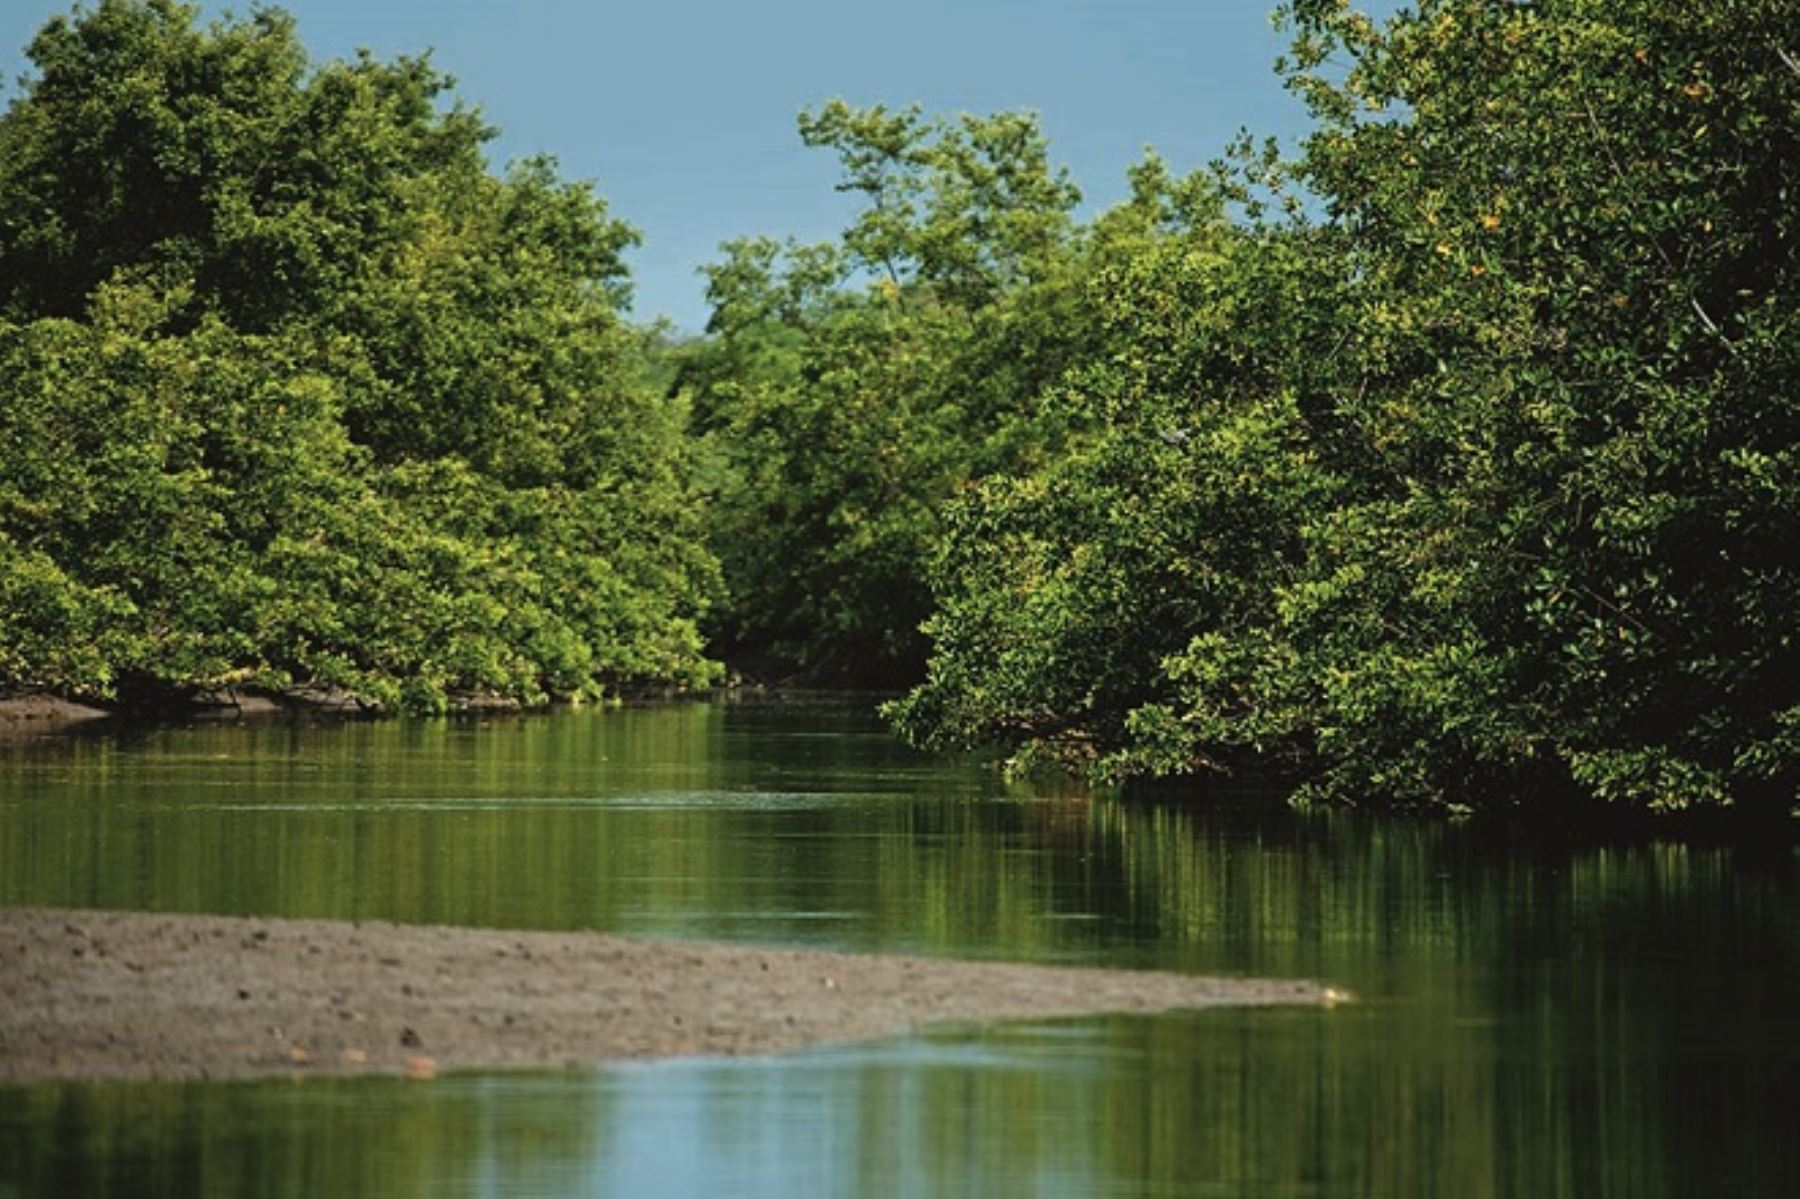 Perú y Ecuador vienen trabajando conjuntamente para el establecimiento de una reserva de biósfera binacional, la primera en Sudamérica, iniciativa impulsada por el Servicio Nacional de Áreas Naturales Protegidas por el Estado (Sernanp) y el Ministerio del Ambiente del vecino país.